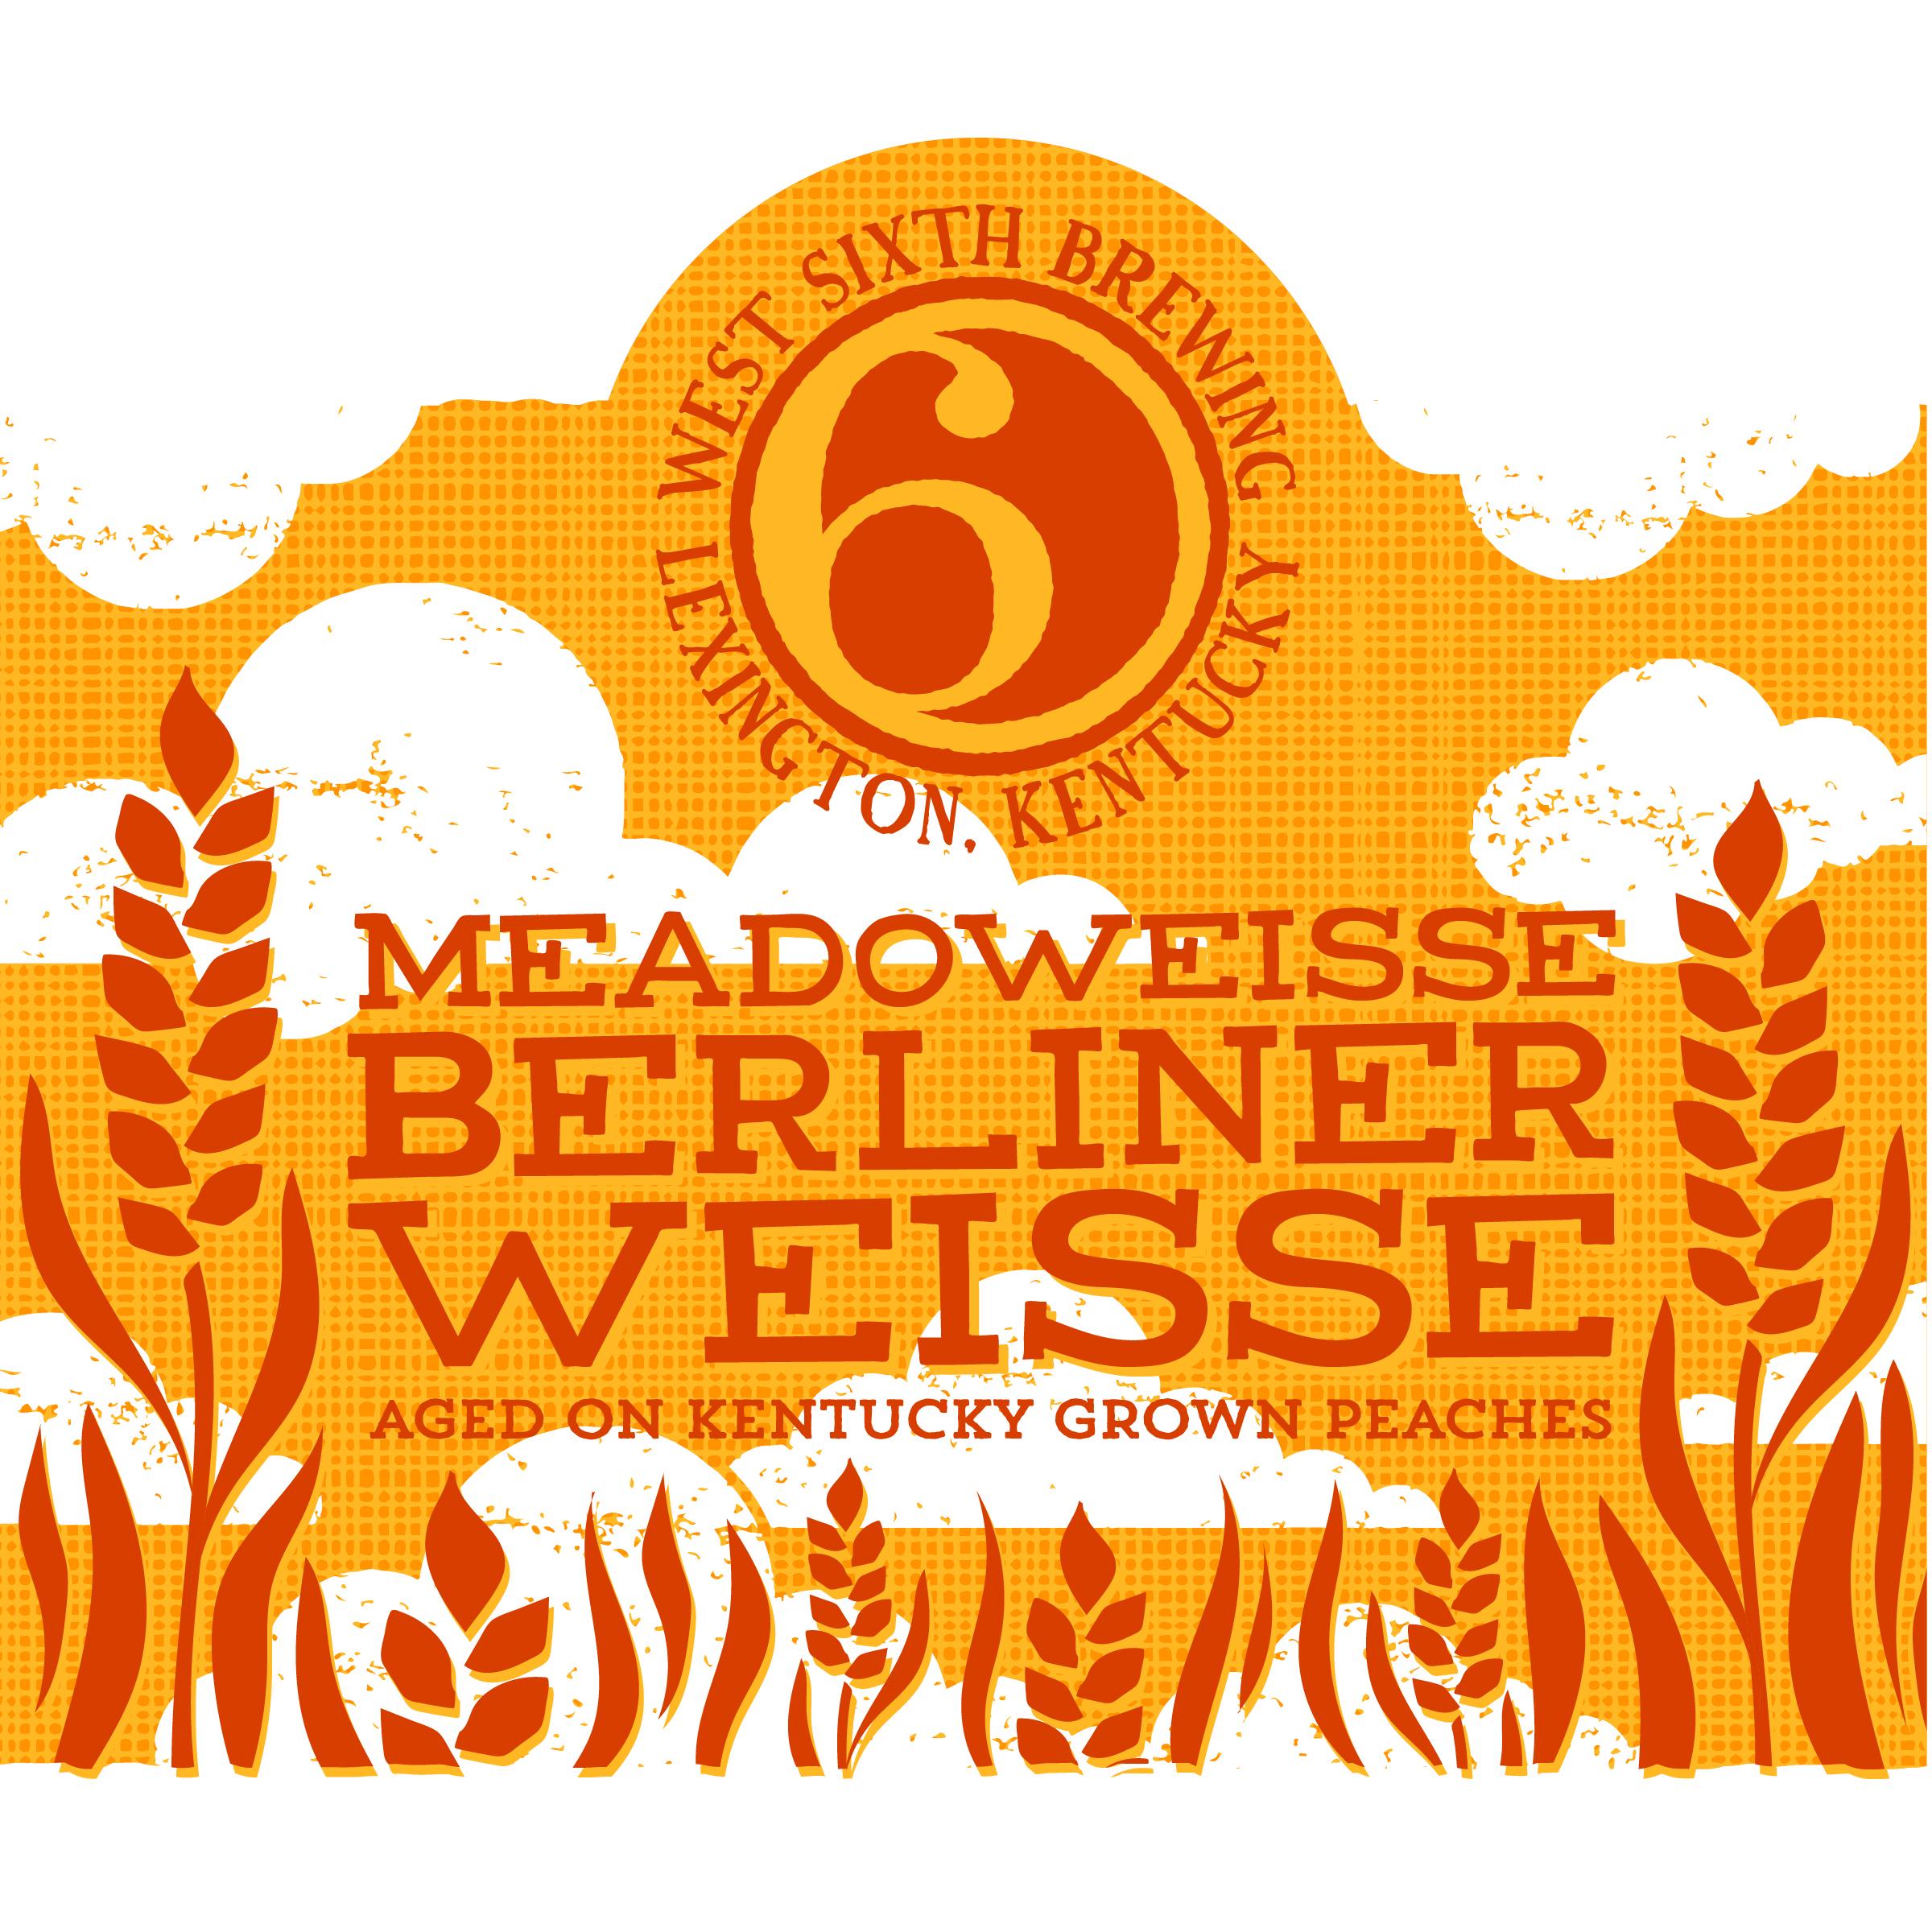 Website Bottle_Berliner Weisse aged on Peaches_Artboard 1.jpg